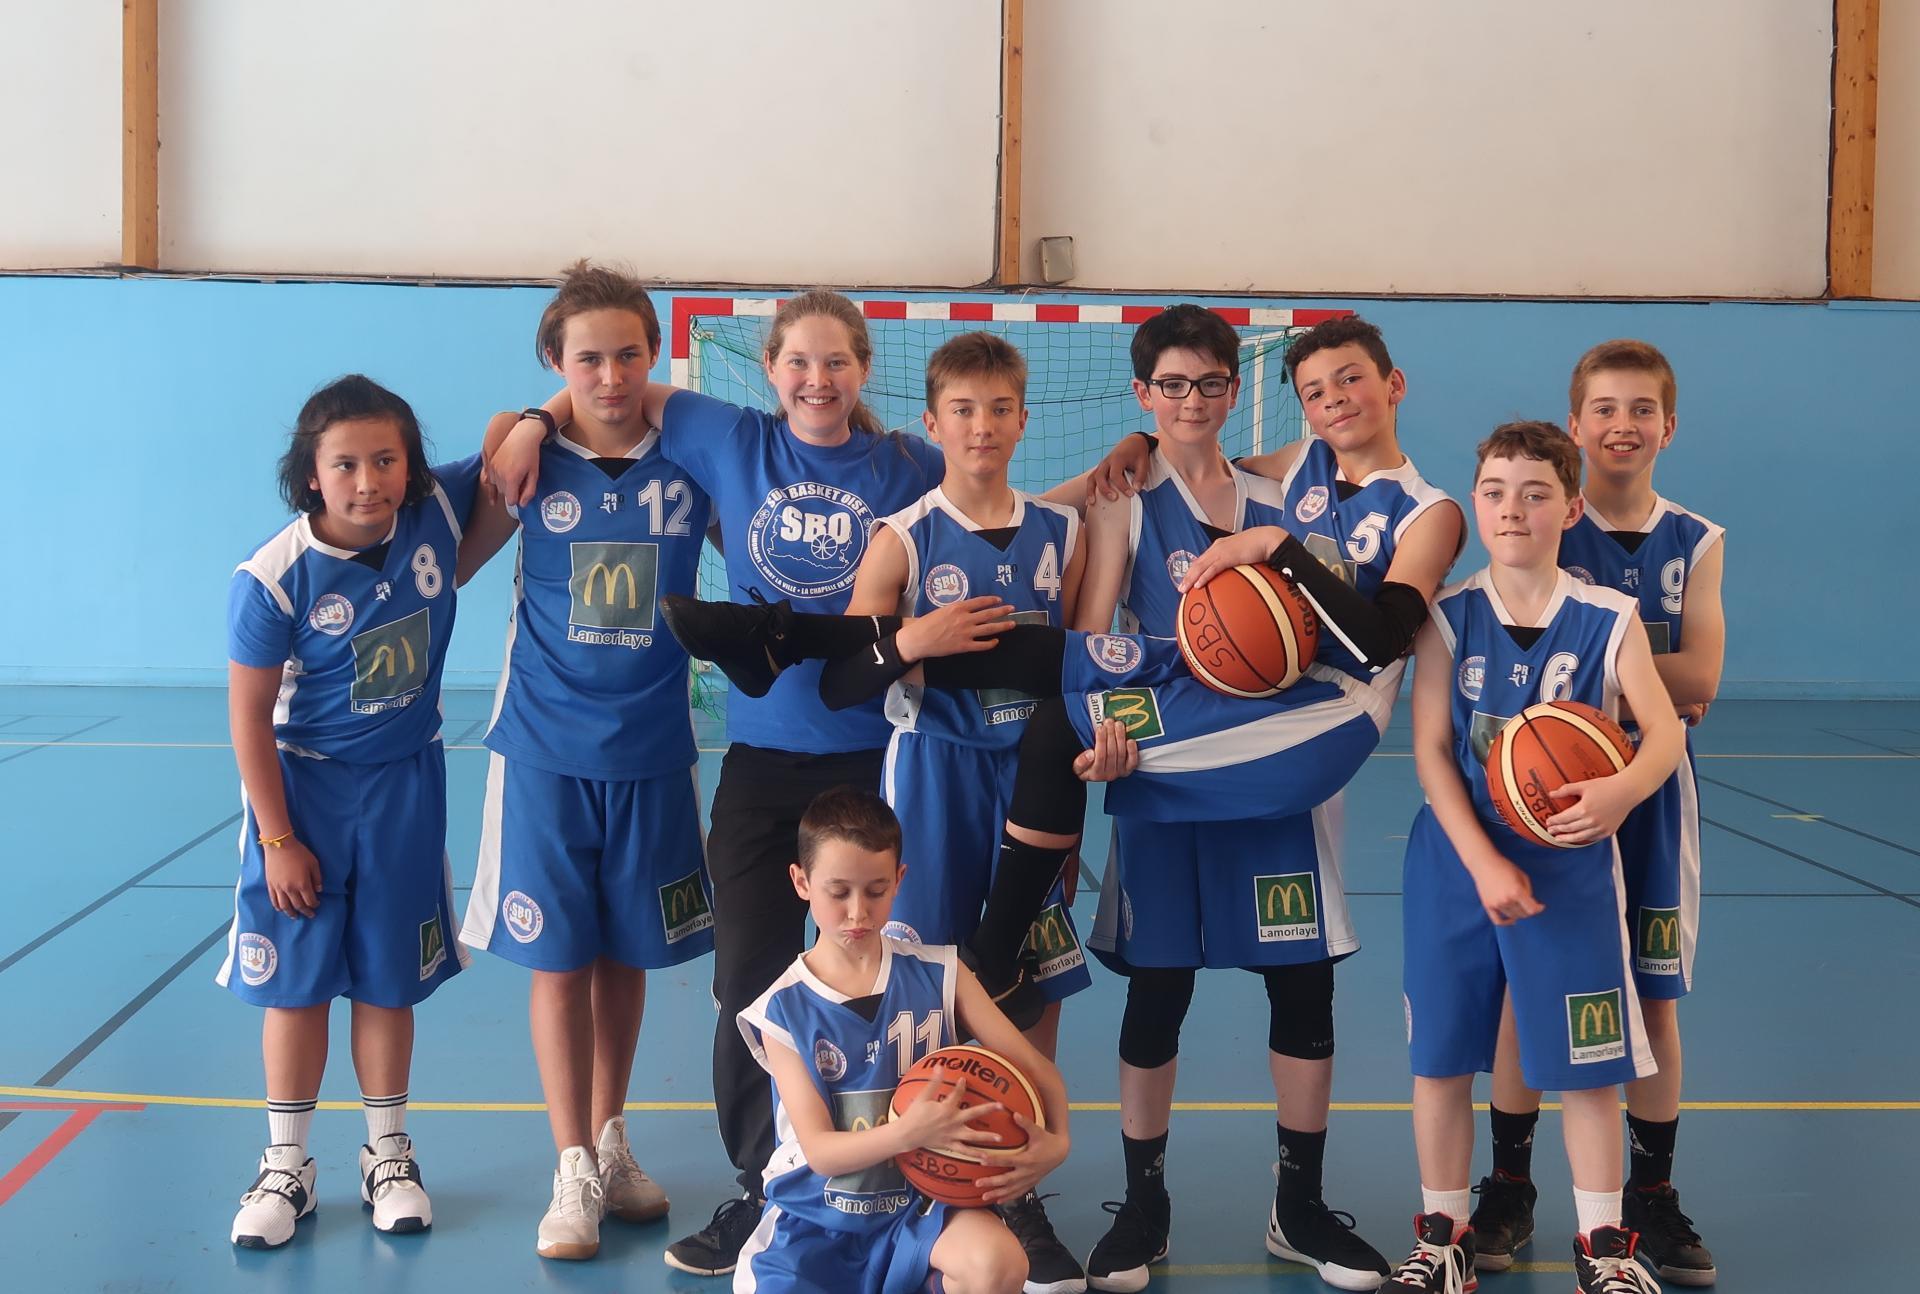 U13 Elite Sud Basket Oise Saison 2018-2019